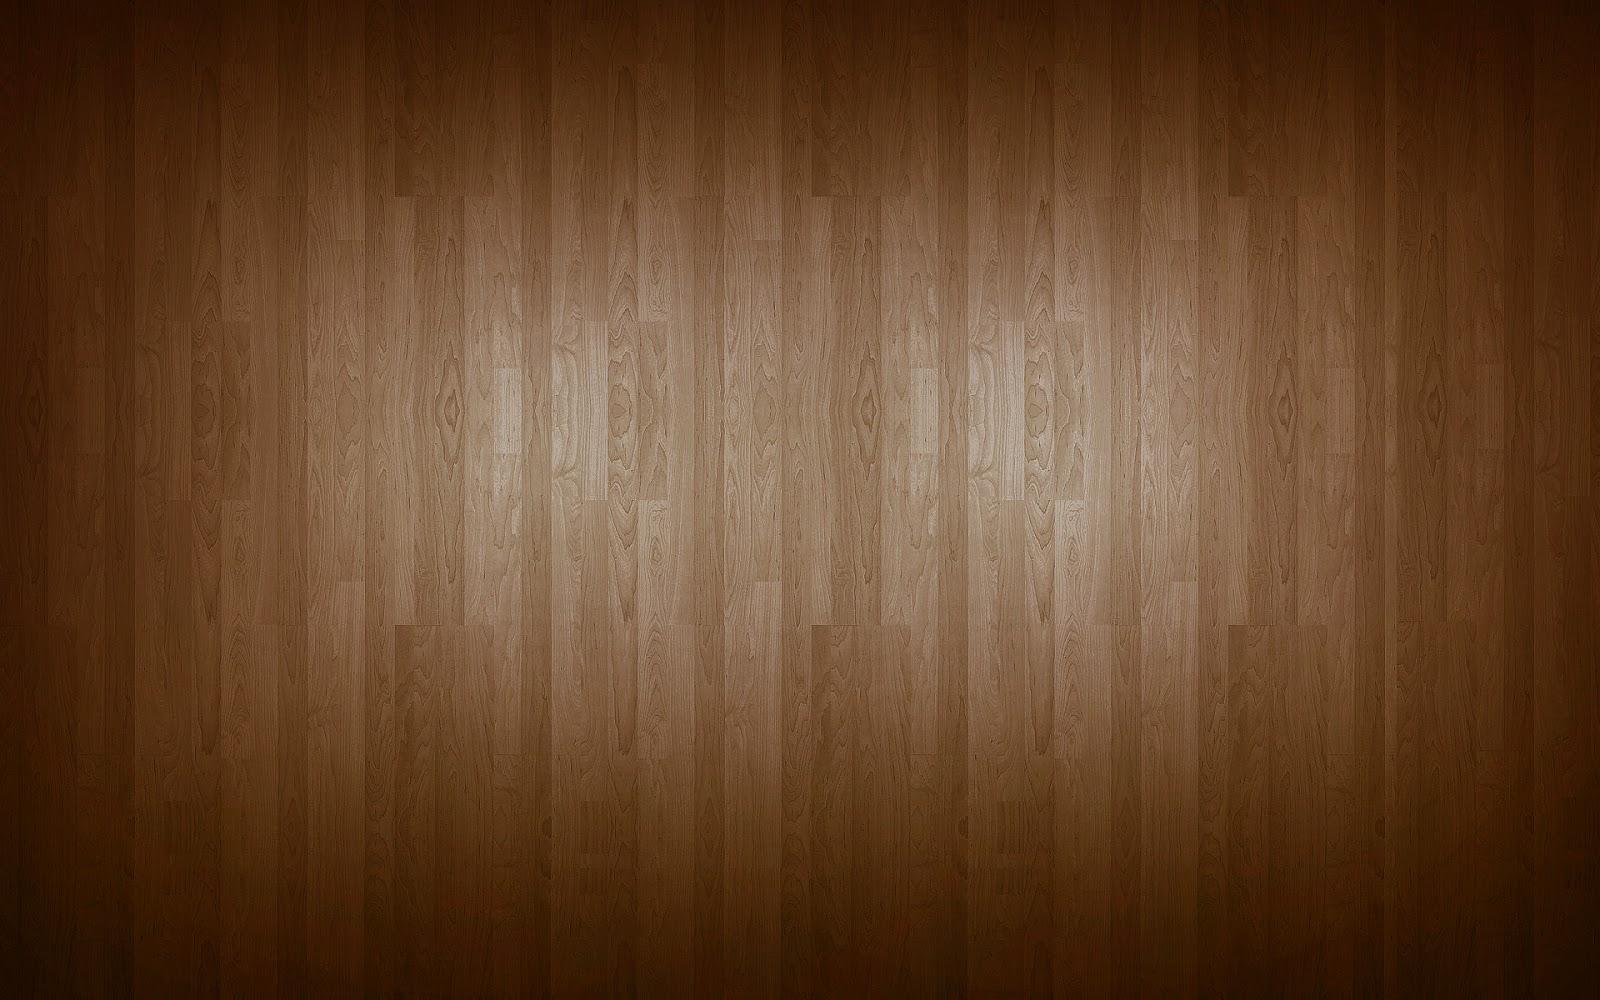 Background Kindle5 1600x1000